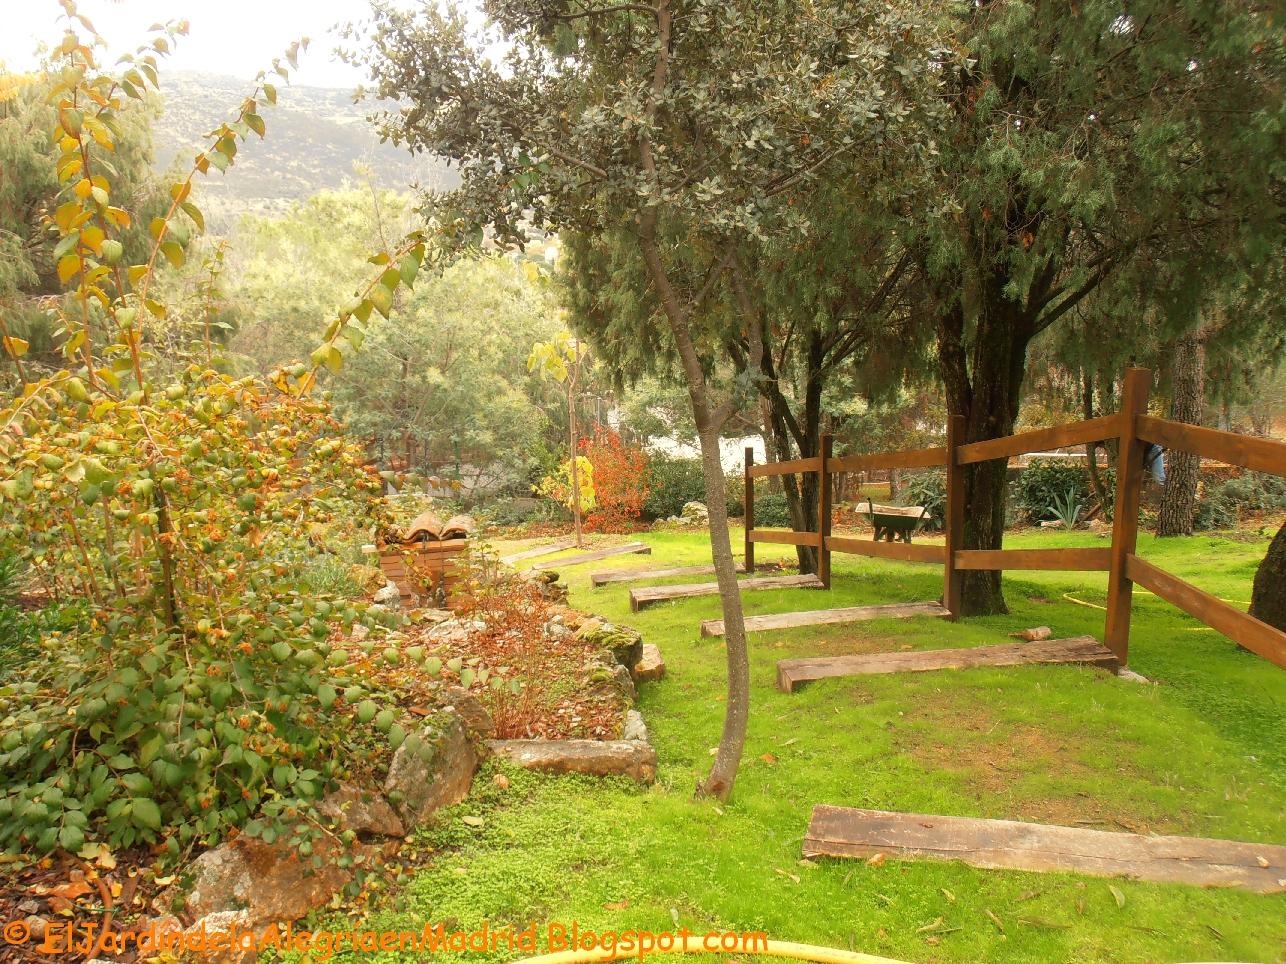 El jard n de la alegr a un trocito de oto o en mi jard n for Jardines con arboles y arbustos